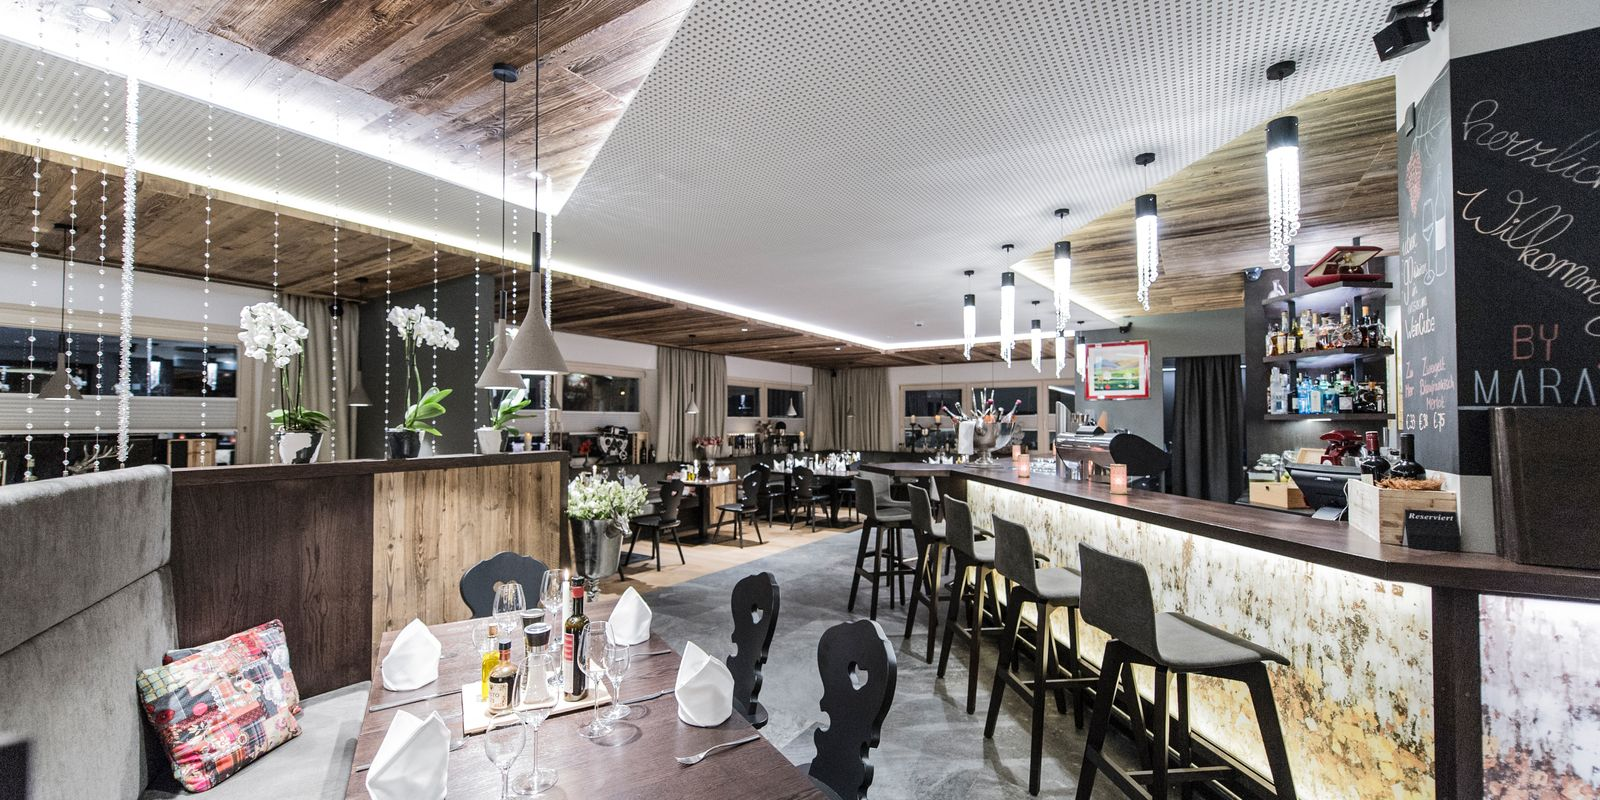 By Mara´s Restaurant & Weinbar